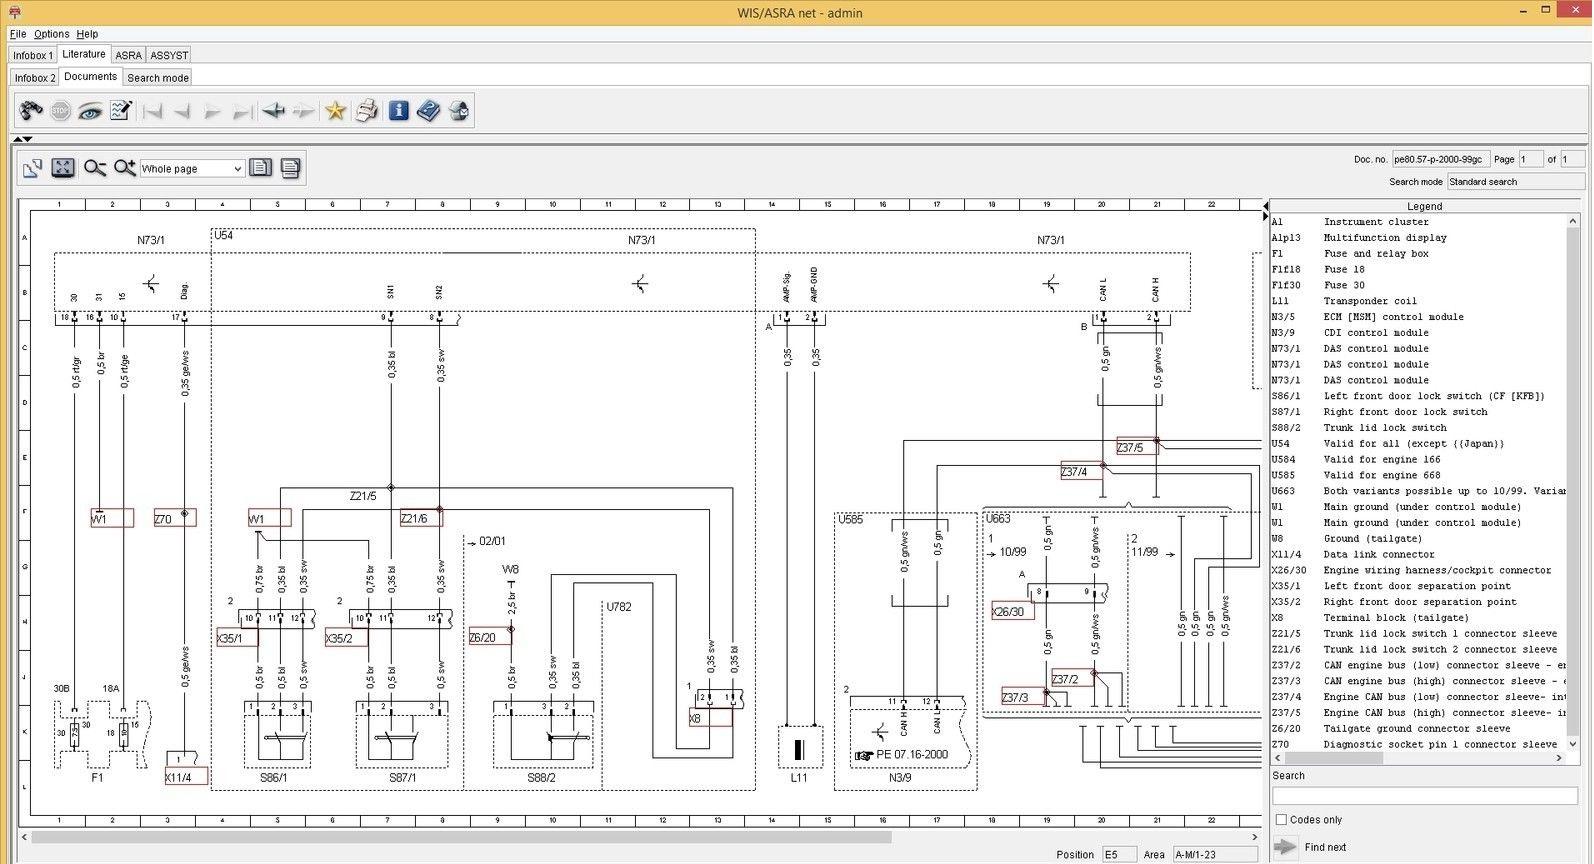 mercedes clk 320 fuse diagram wf 9024  w209 mercedes benz radio wiring diagram schematic wiring 2002 mercedes clk 320 fuse diagram w209 mercedes benz radio wiring diagram